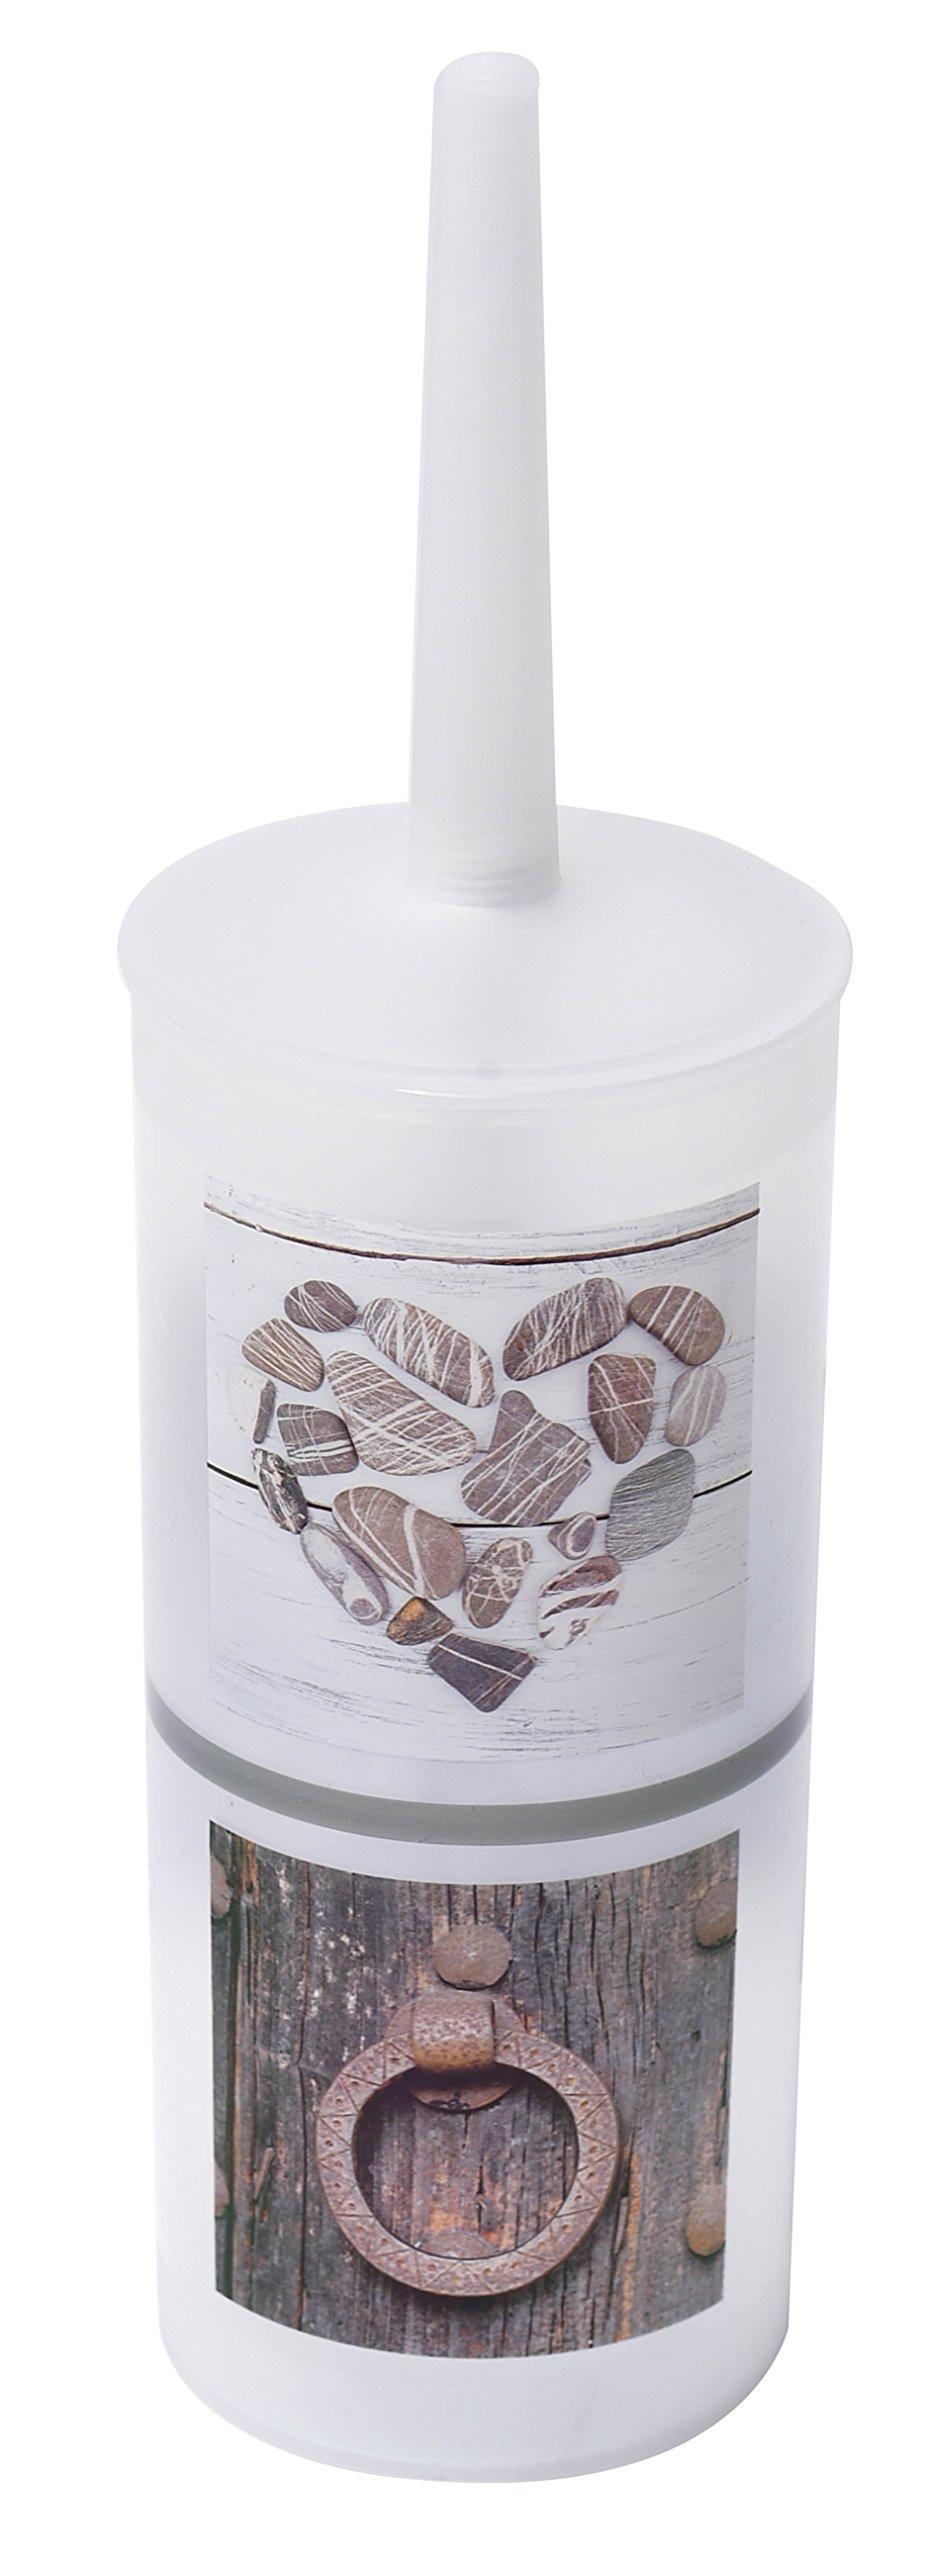 EVIDECO Design Nature Toilet Bowl Brush Holder, Brown/Gray